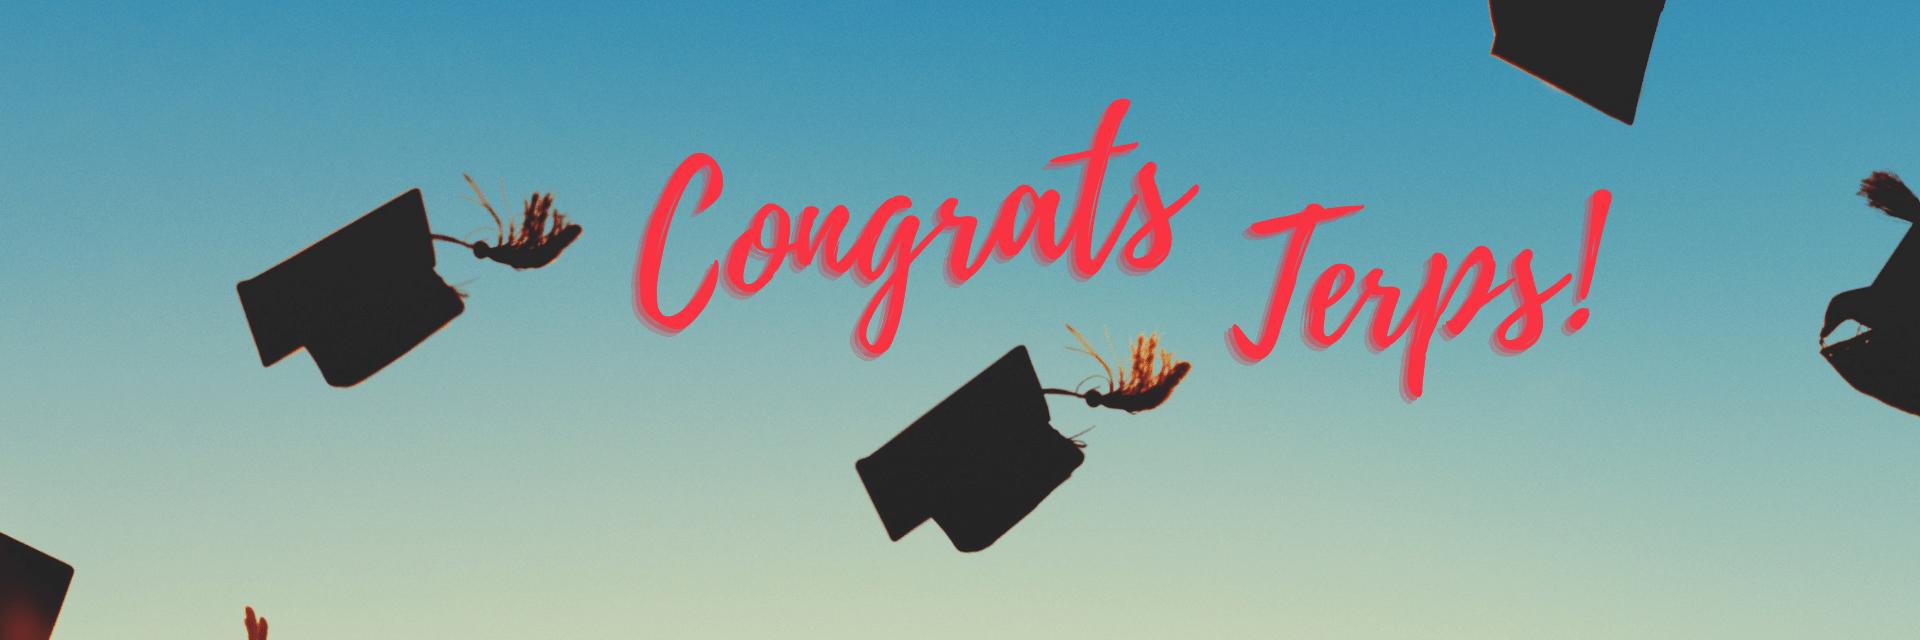 grad caps in air, congrats terps!